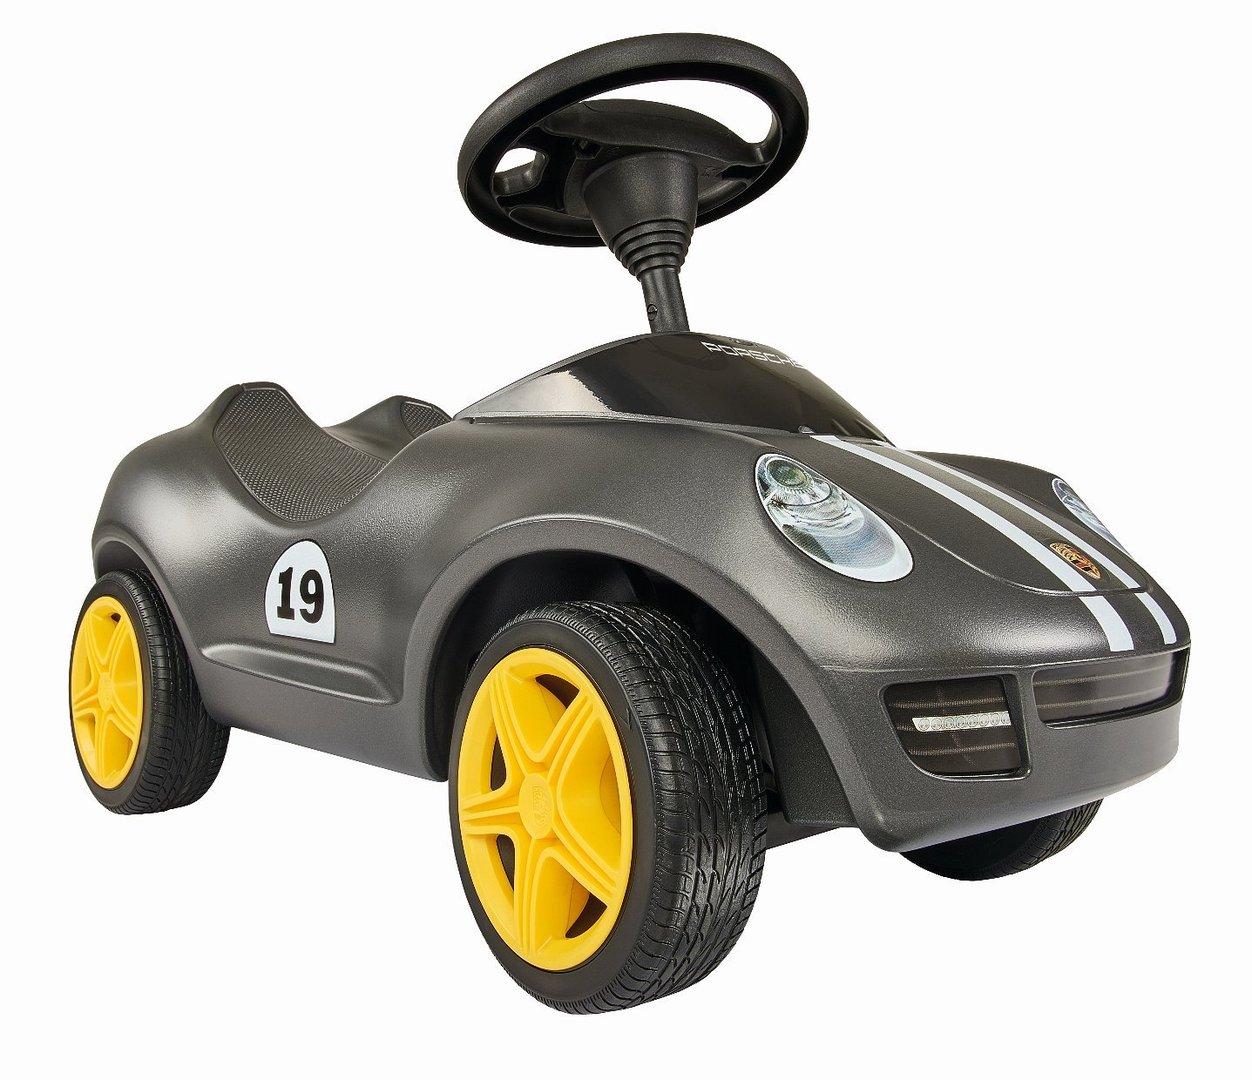 Машинка каталка - PorscheМашинки-каталки для детей<br>Машинка каталка - Porsche<br>